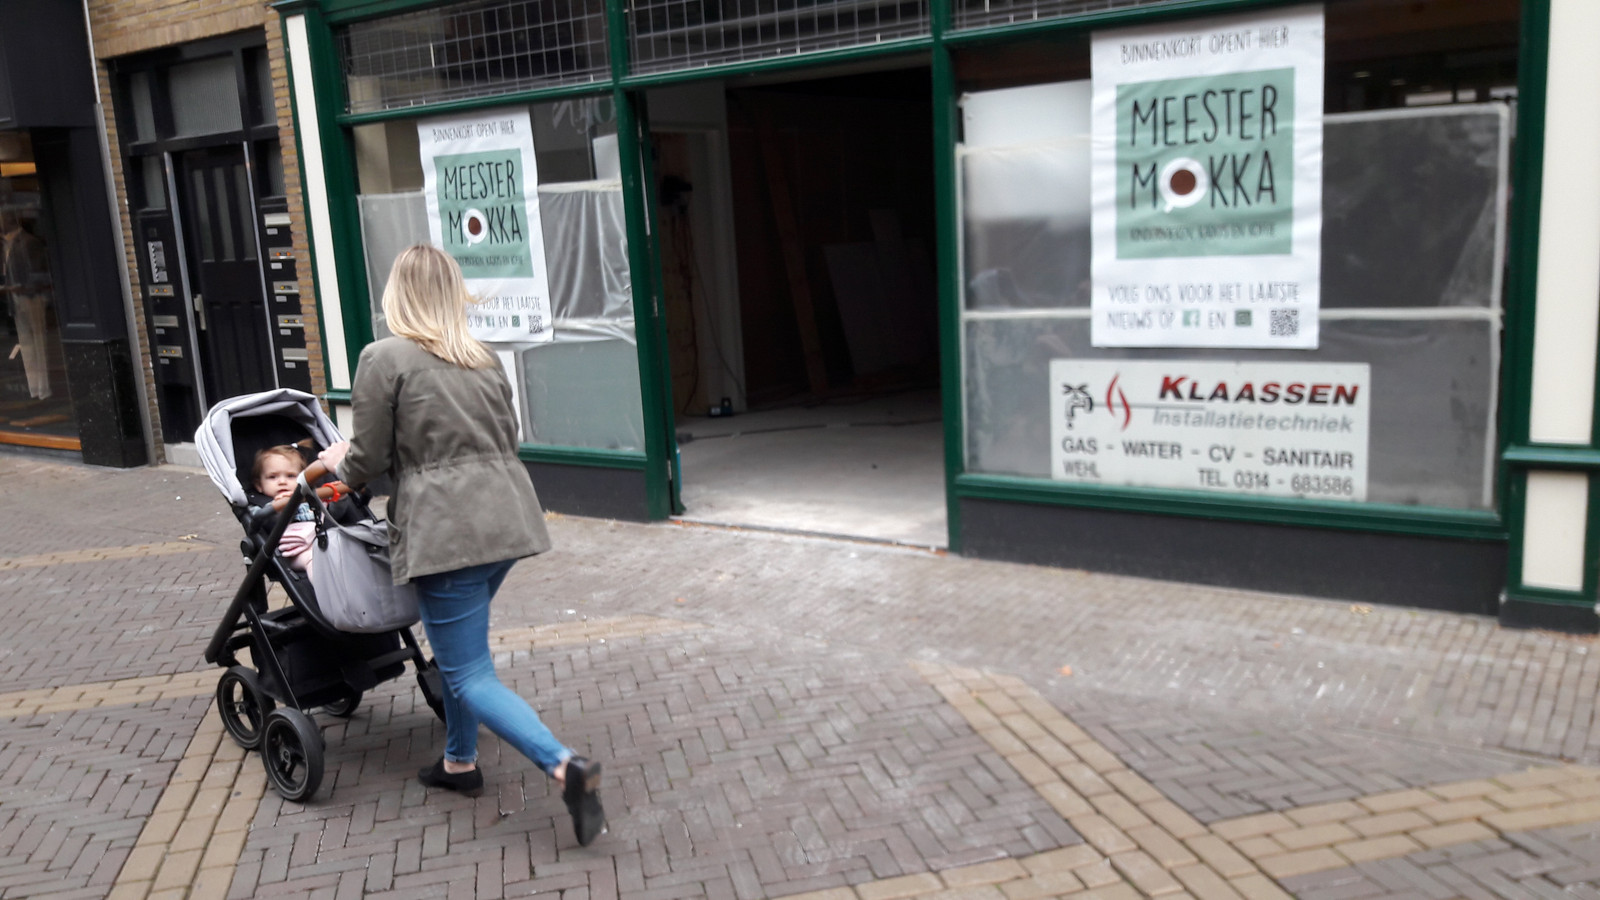 Kinderboekenzaak Meester Mokka komt in de voormalige schoenenzaak Ziengs.